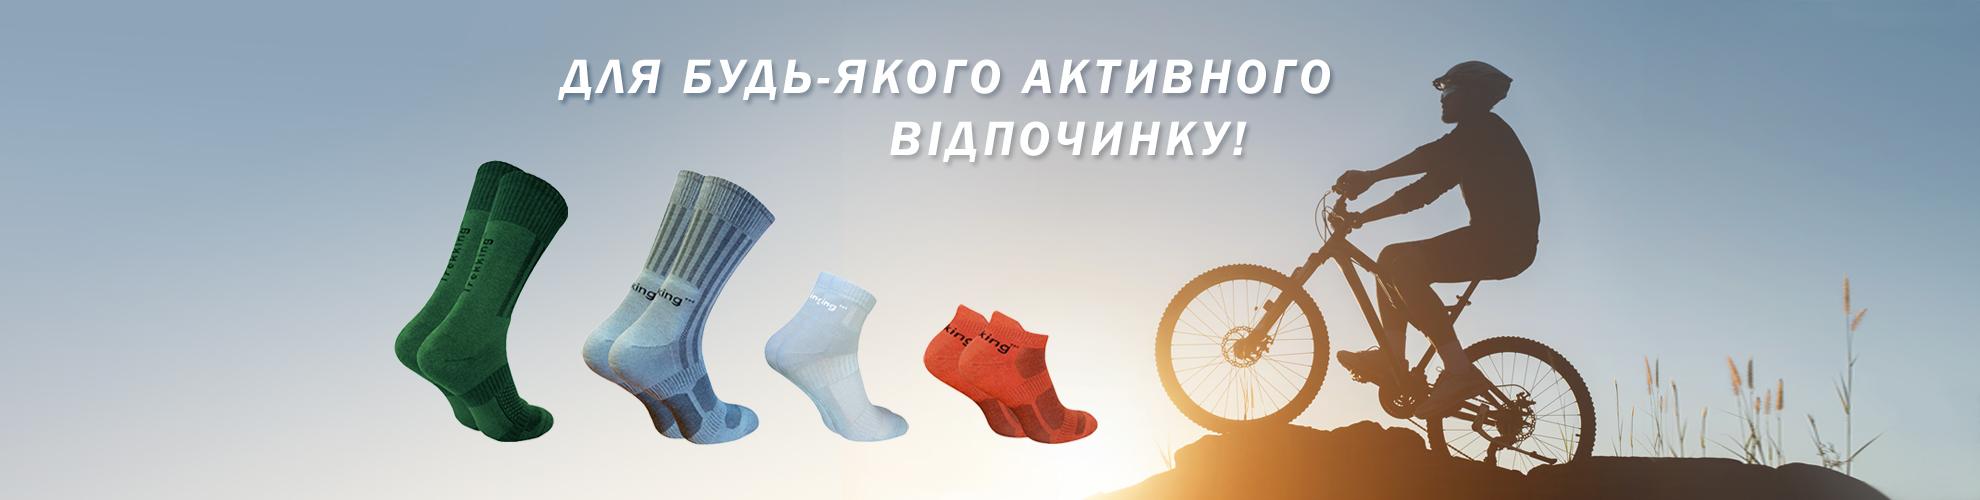 shkarpetky_ua